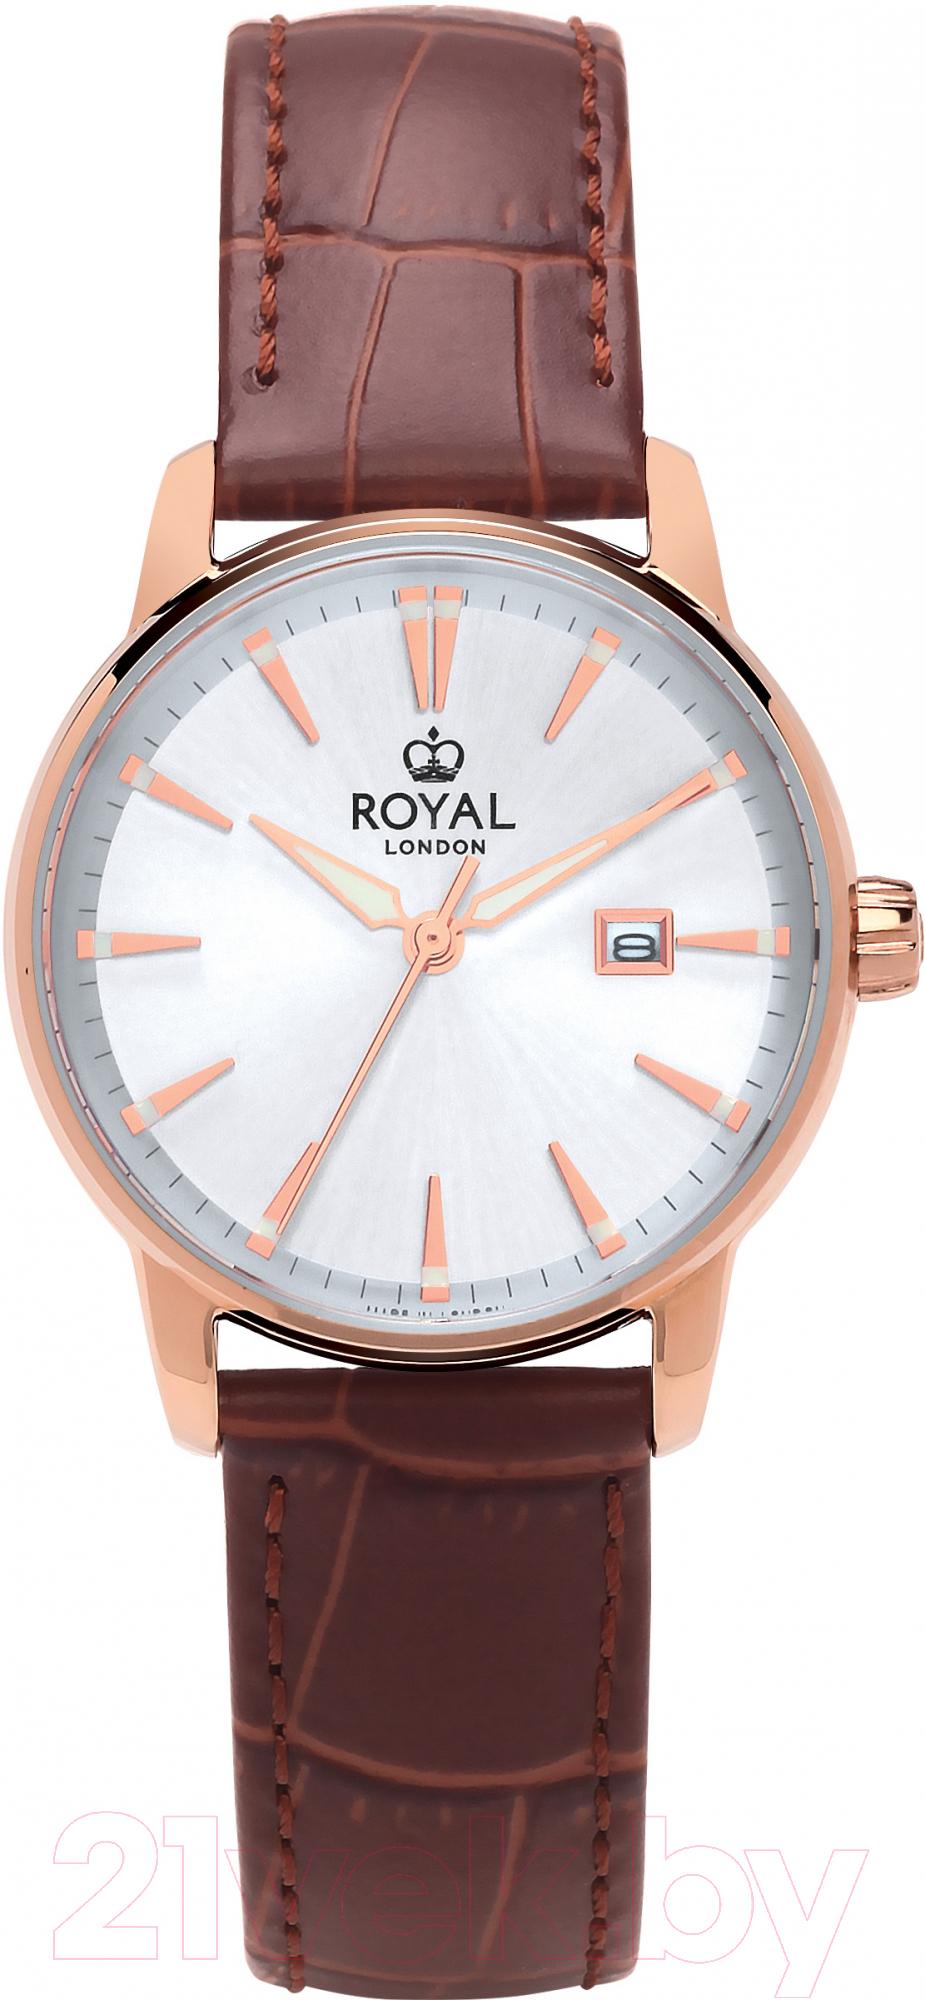 Купить Часы наручные женские Royal London, 21401-03, Великобритания